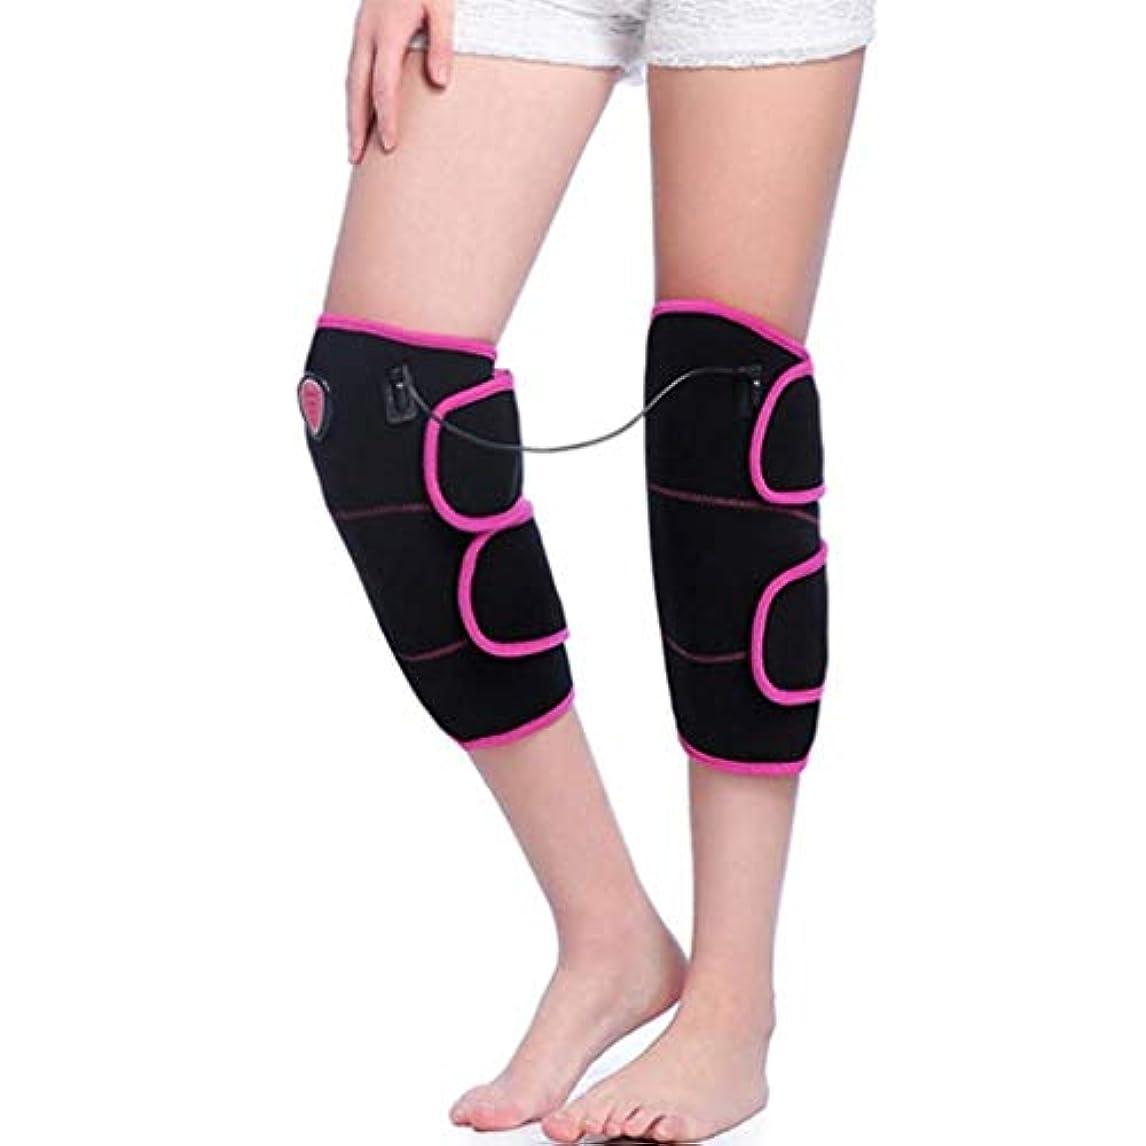 残り物残酷な覚醒フットマッサージャー、加熱式膝プロテクター、温熱oxi、膝捻Andおよび関節筋弛緩に適し、血液循環を促進/保温